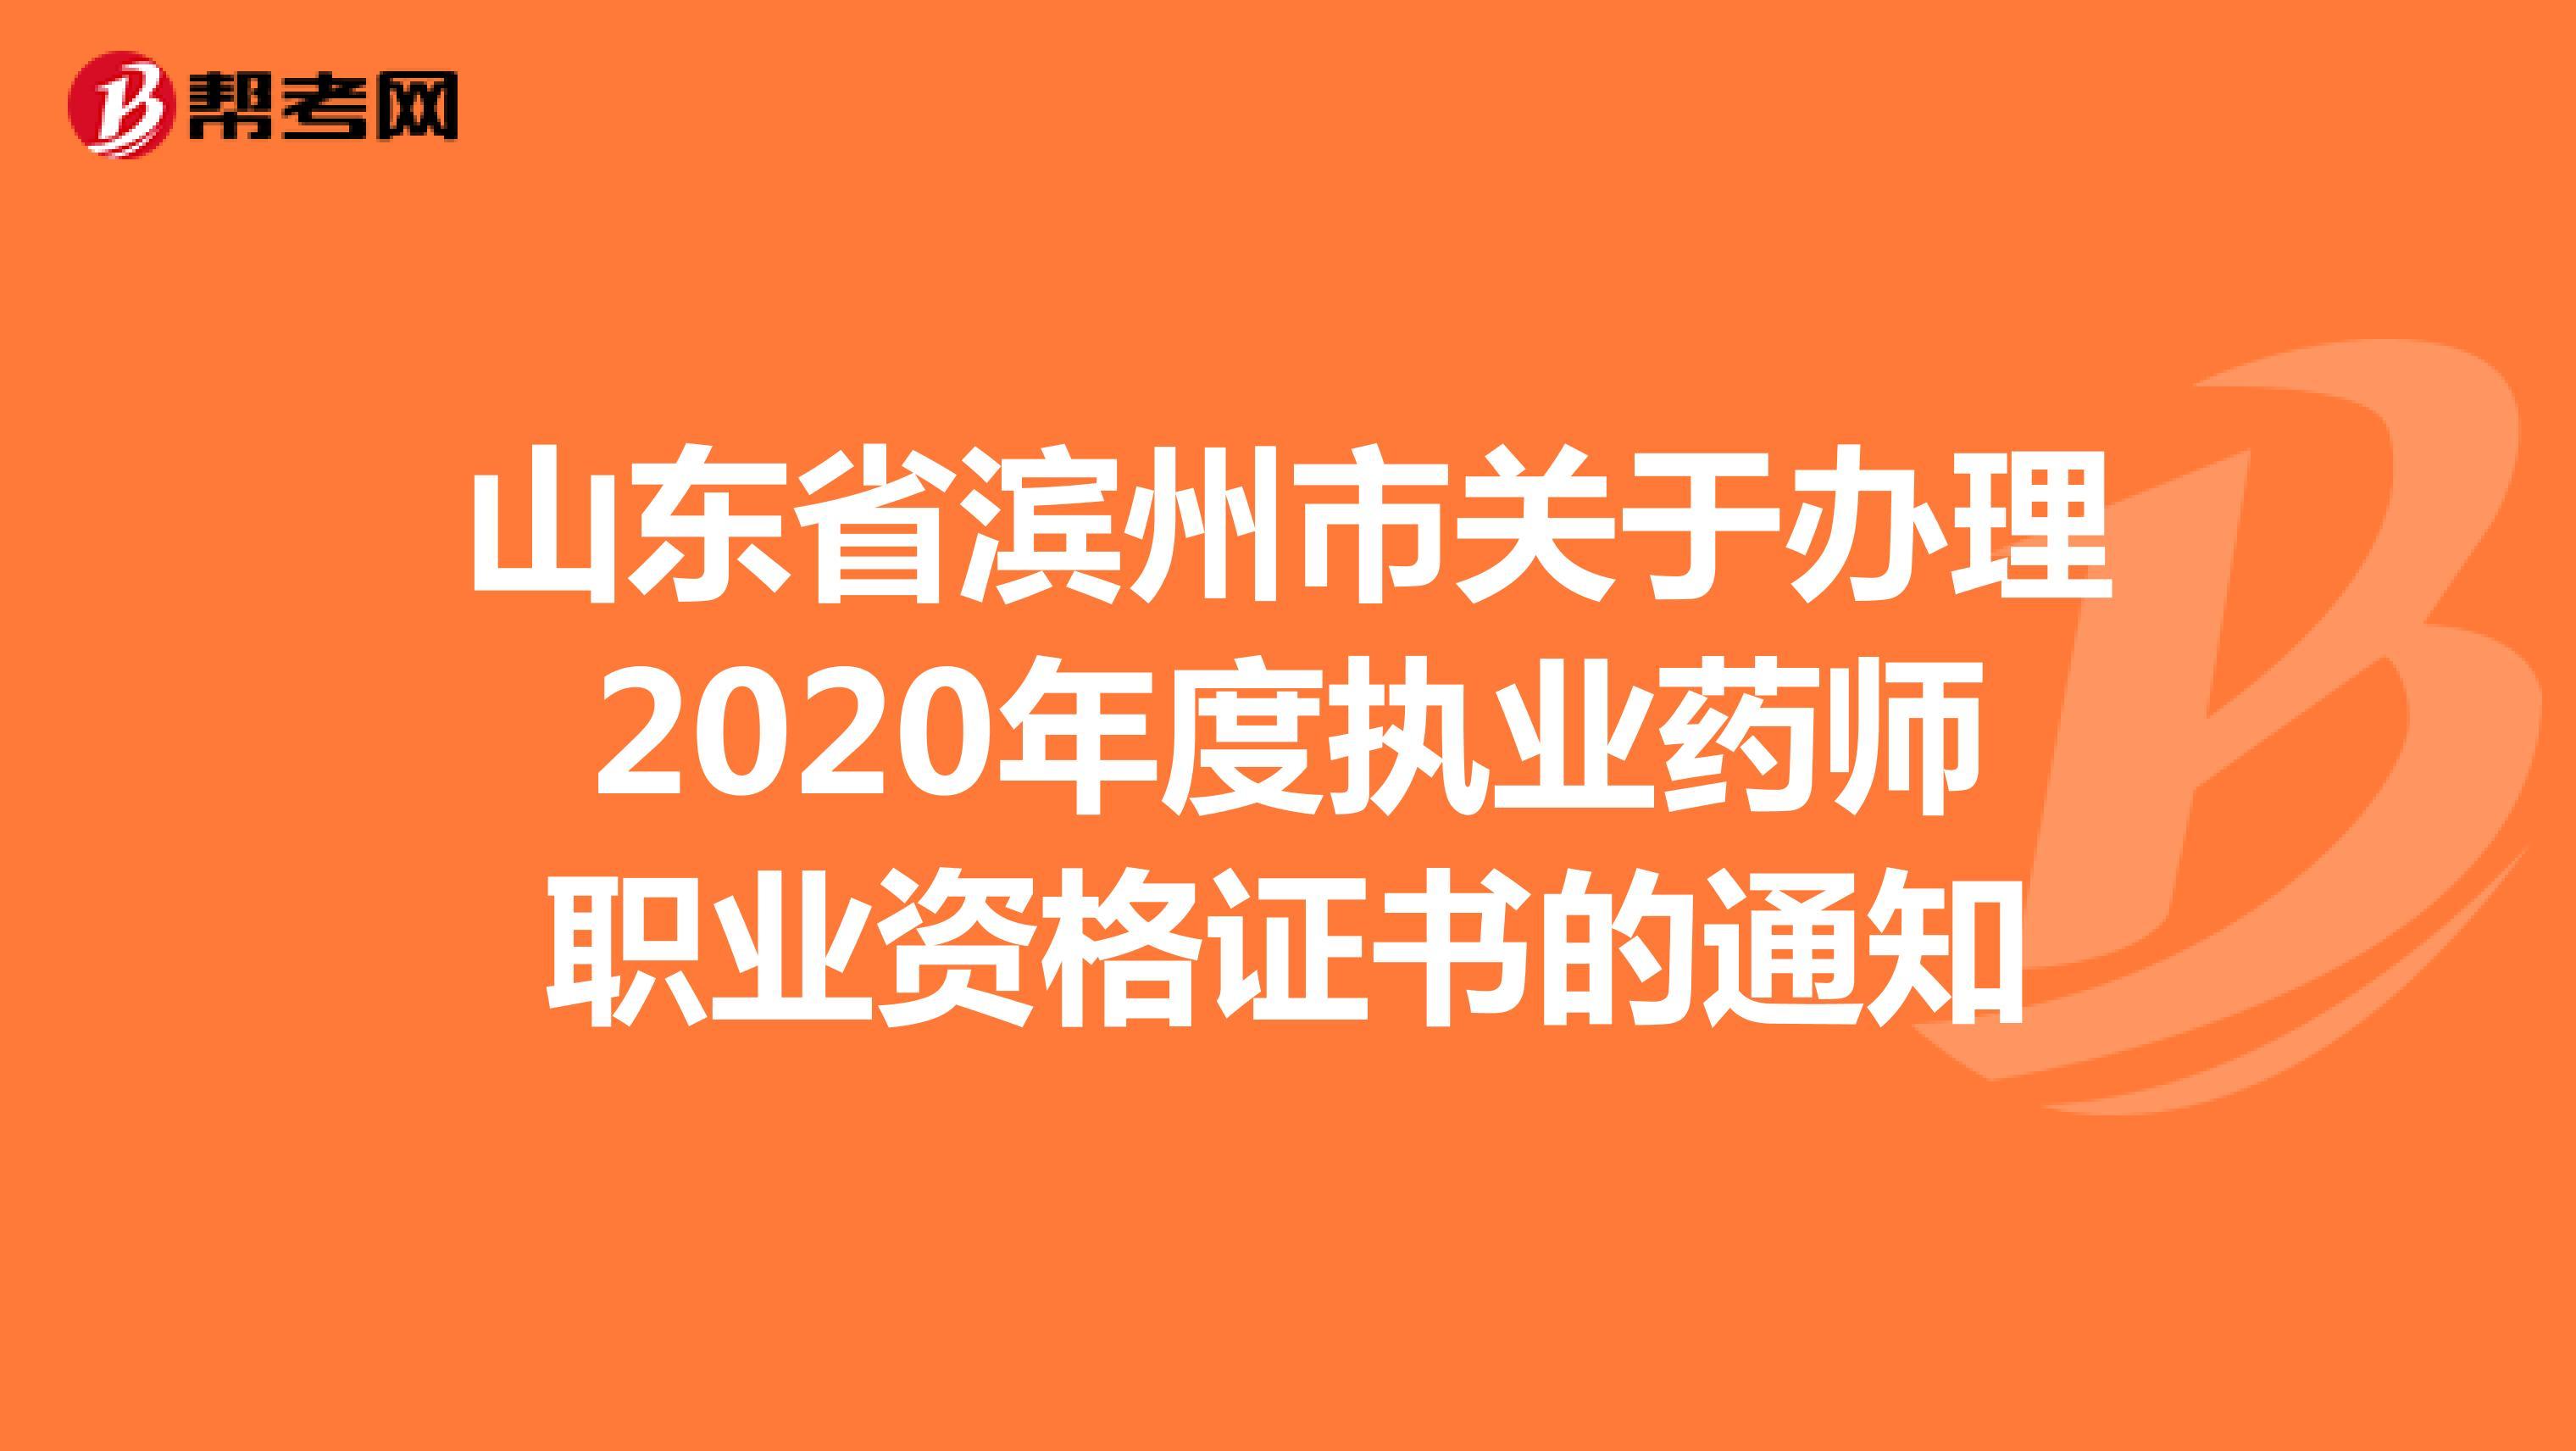 山东省滨州市关于办理2020年度执业药师职业资格证书的通知